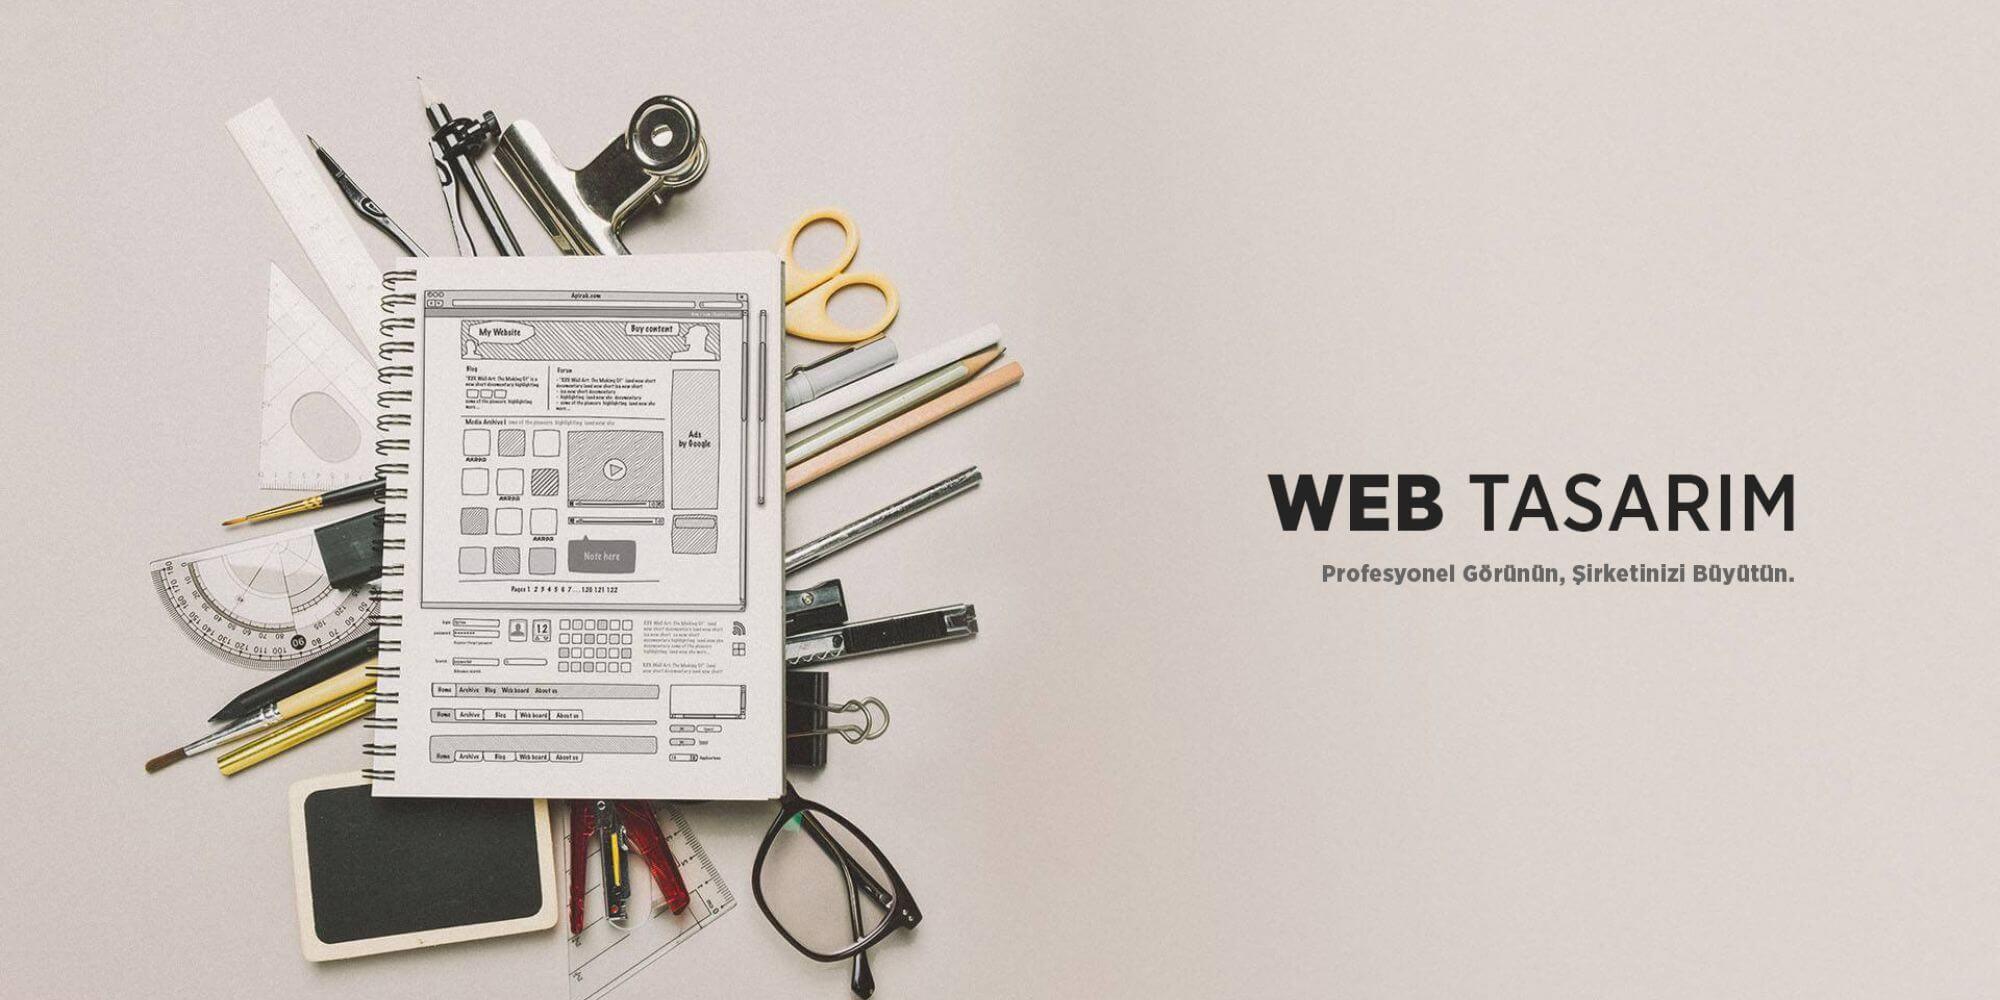 Web Tasarım, Vanda Web Tasarım, Van Özgün Web tasarımları, VTEK WEB TASARIM, van web tasarım